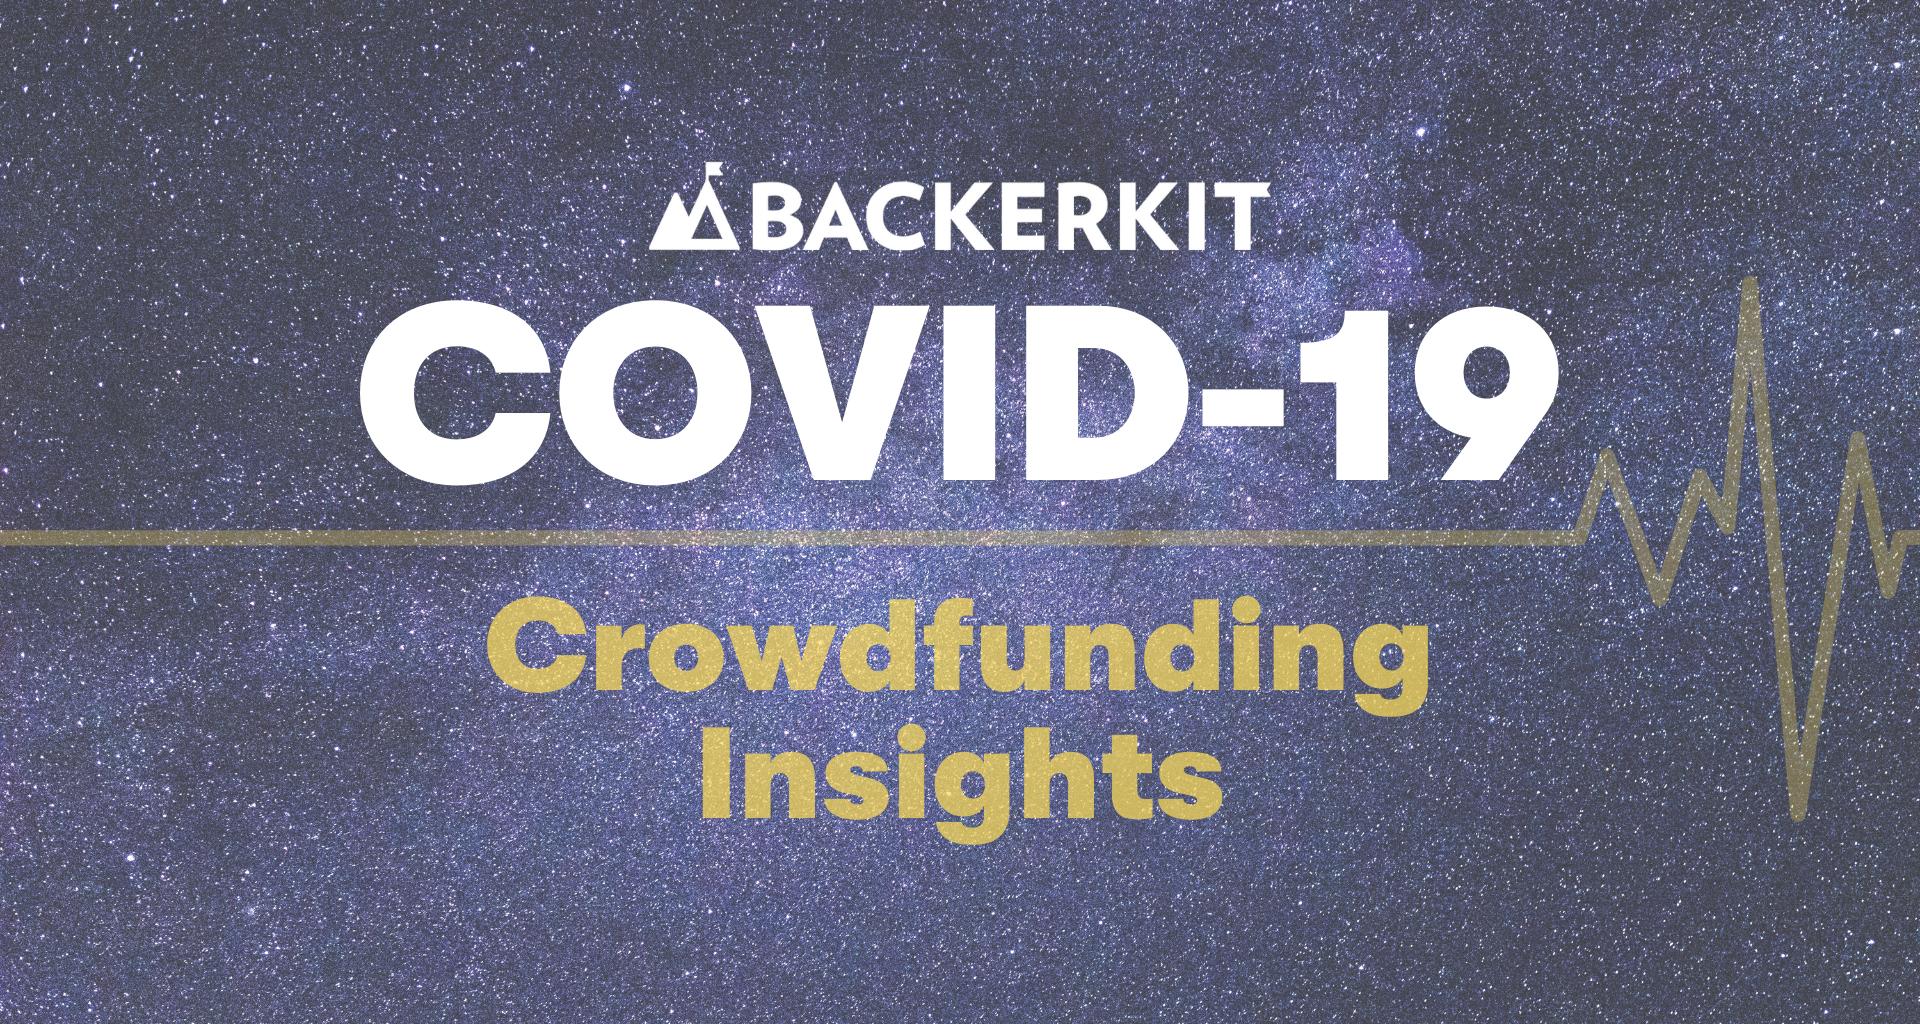 BackerKit-COVID-19-Crowdfunding